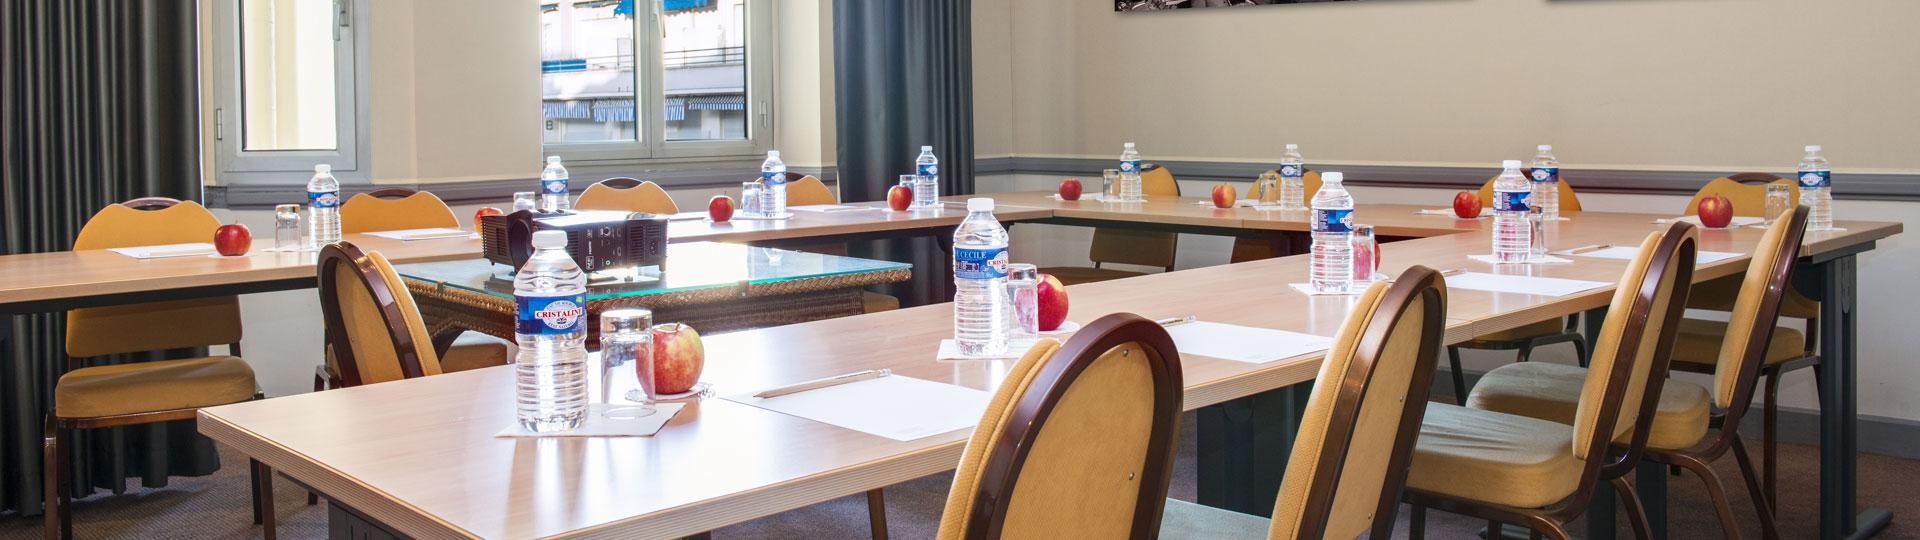 Salle de réunion de l'hôtel Le Royal à Nice